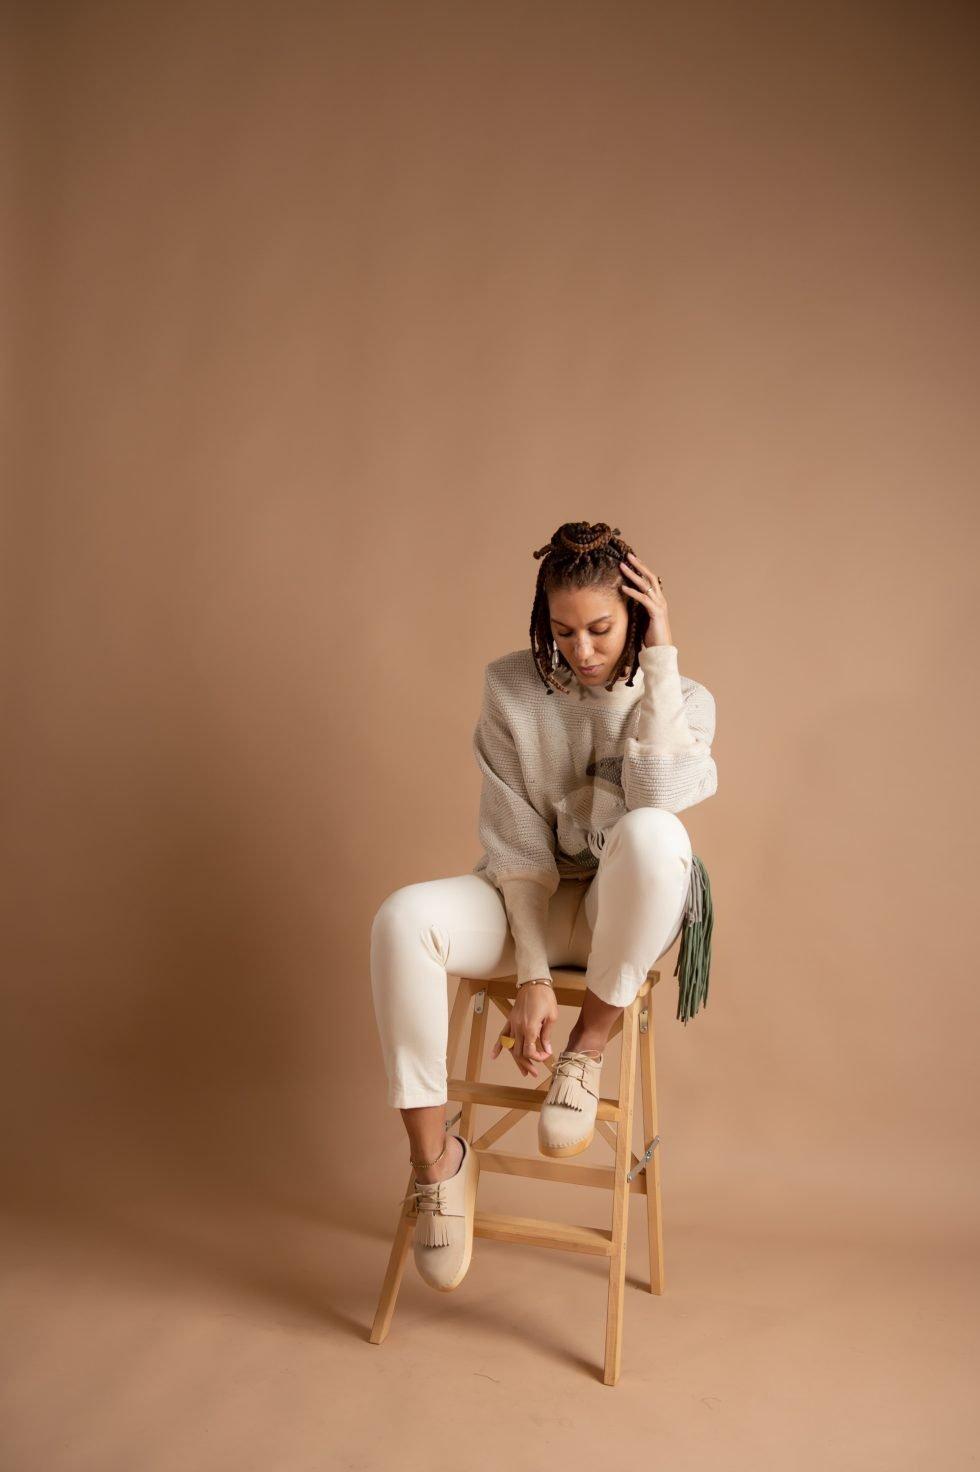 Chloe-Jackman-Photography-Sustainble-Clothing-shoot-2021-4699